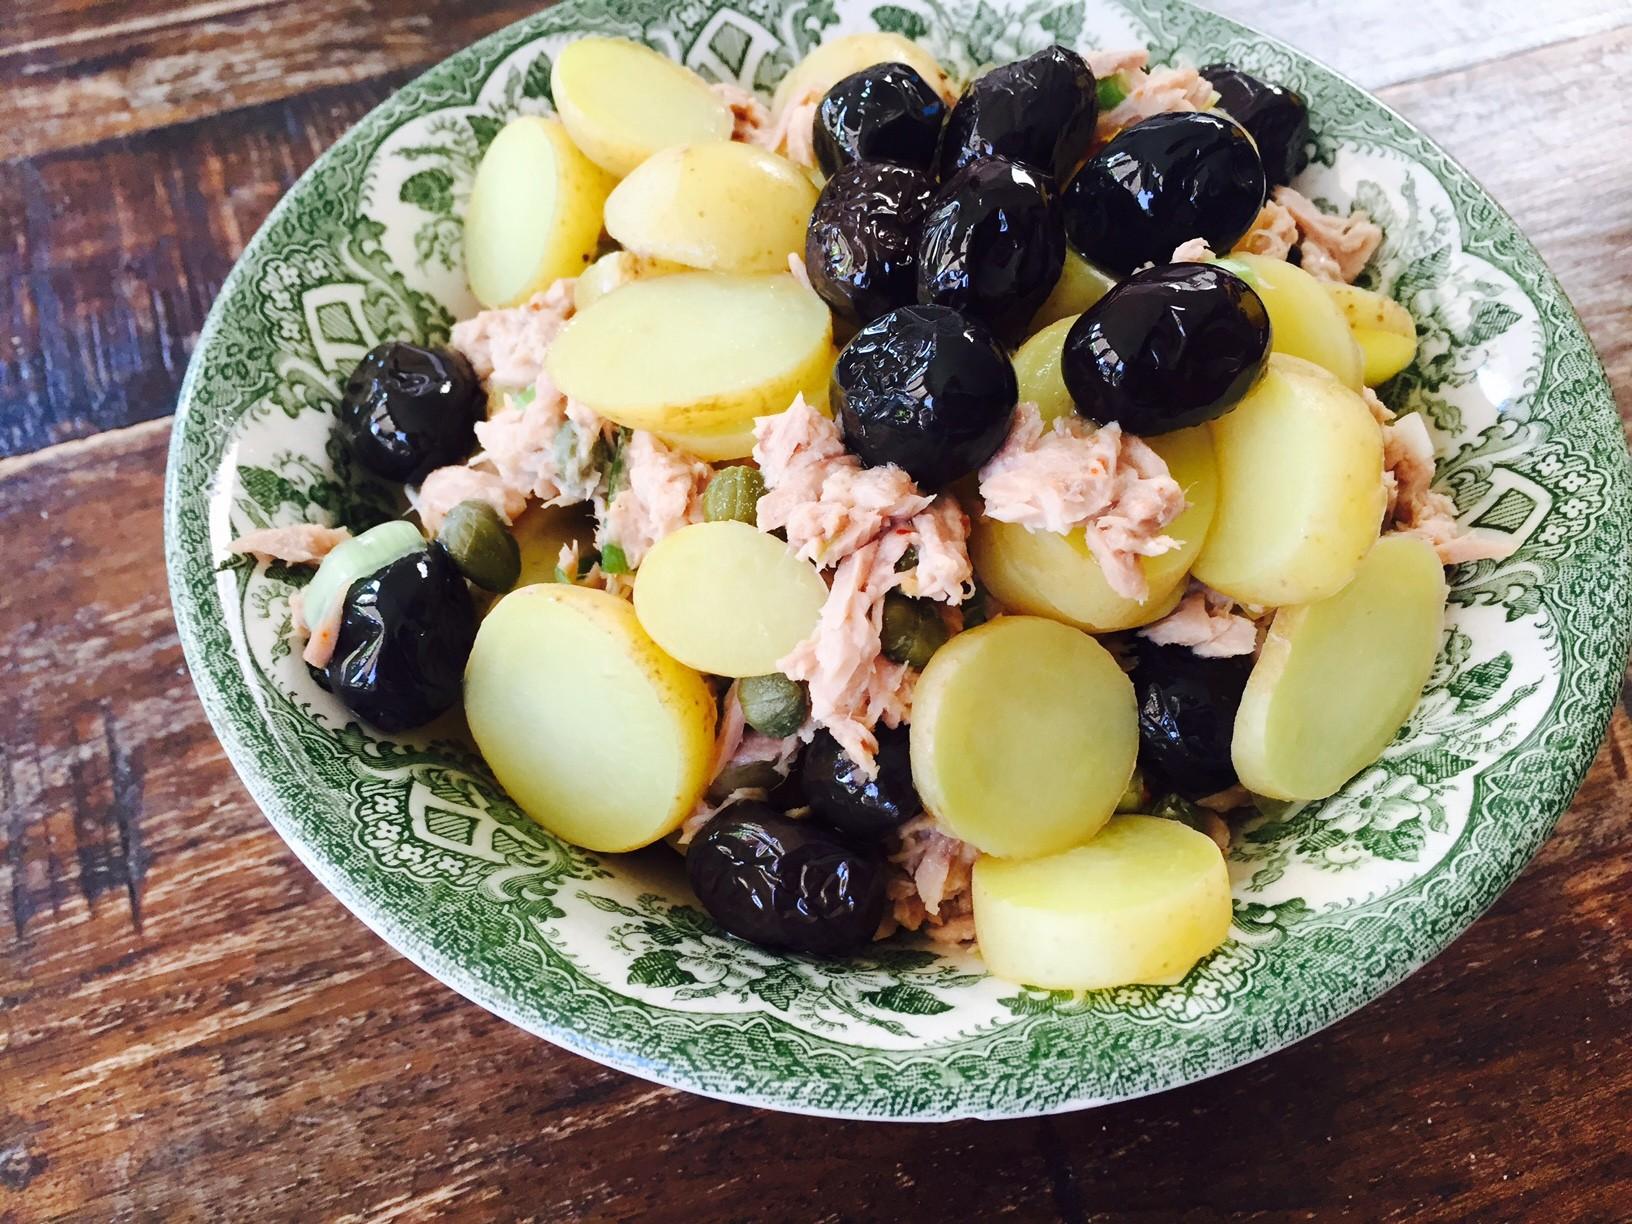 tonijnsalade met aardappeltjes recept van foodblog Foodinista